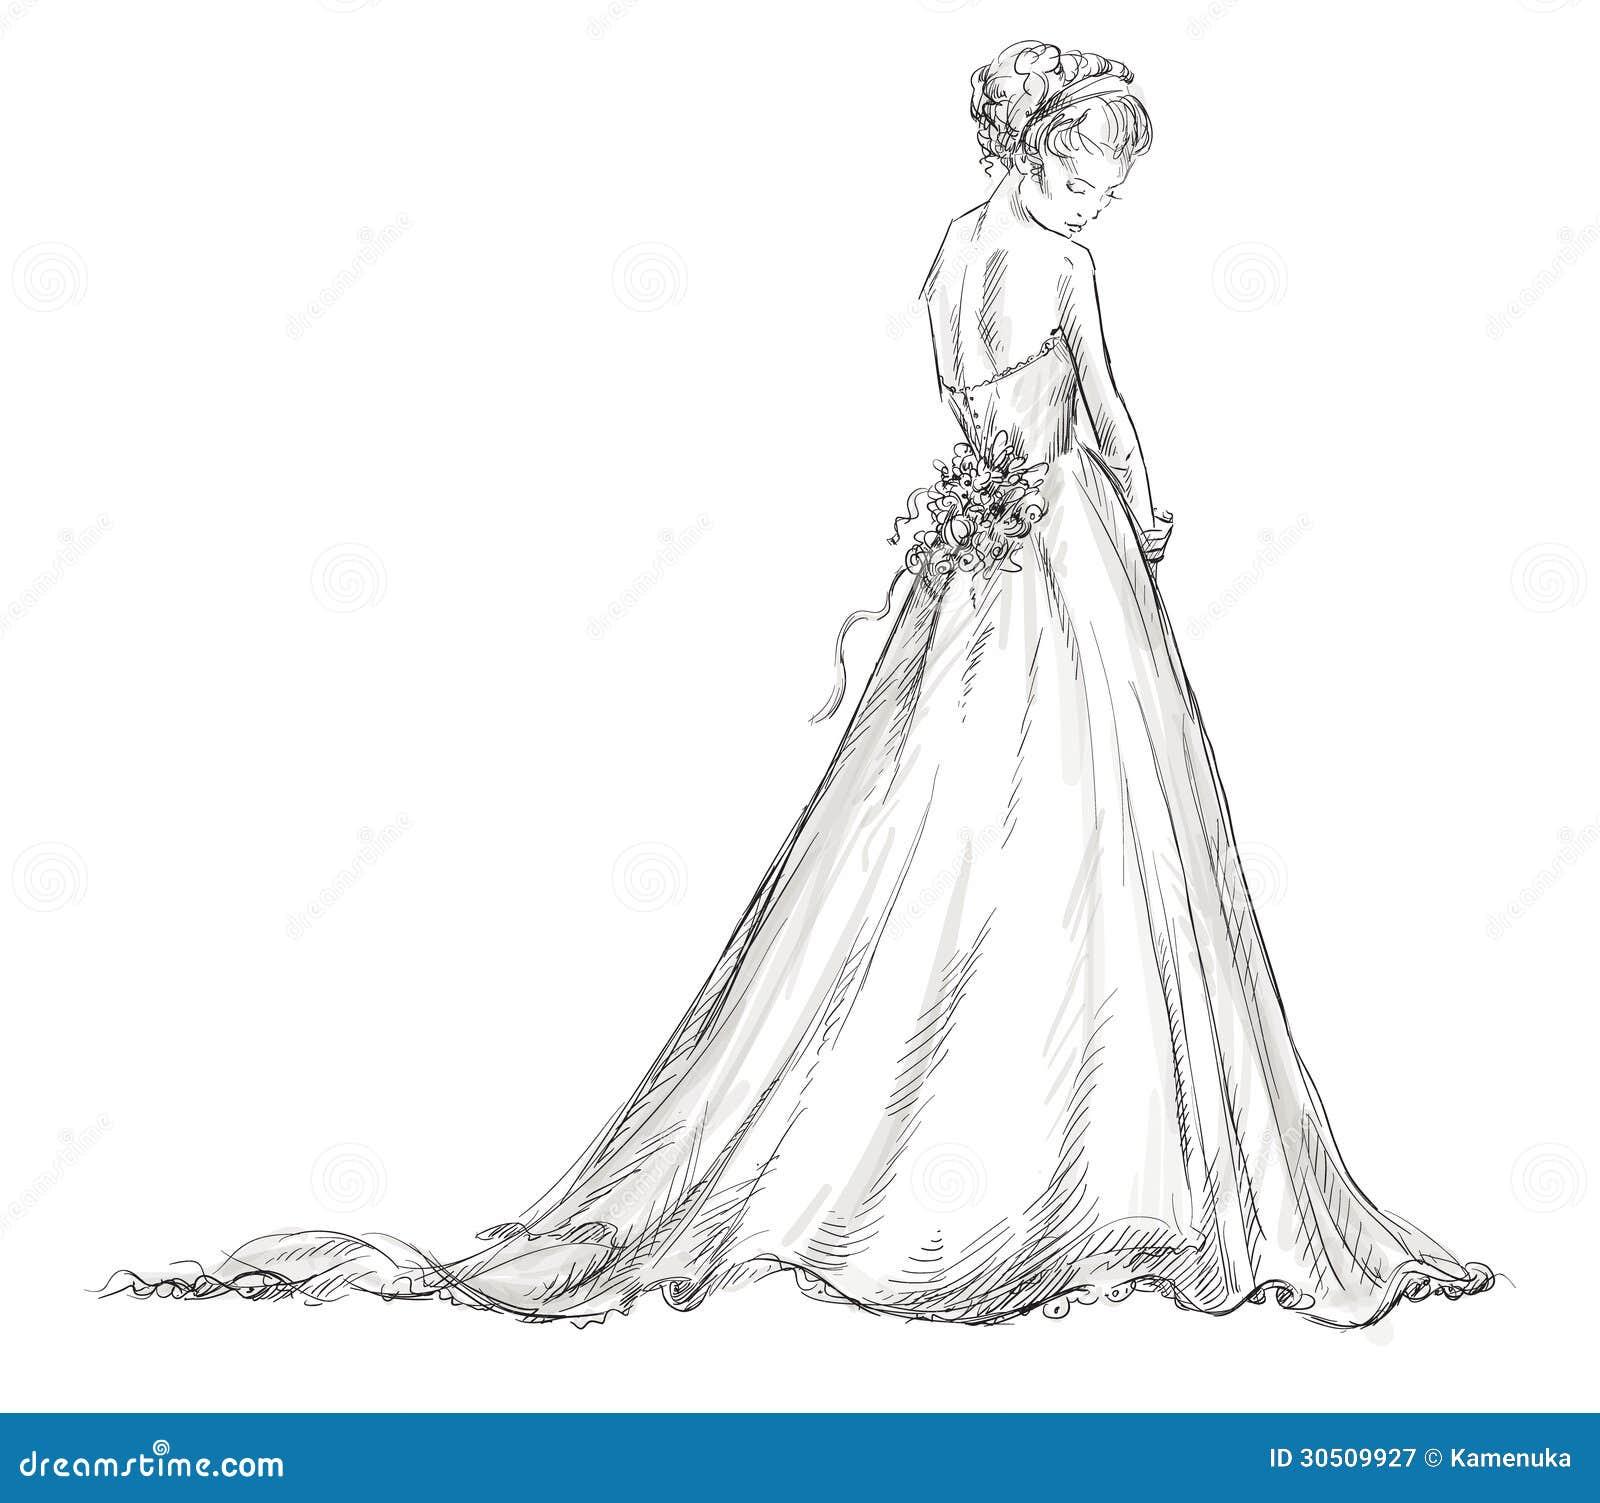 Картинка девочки в платье нарисованная